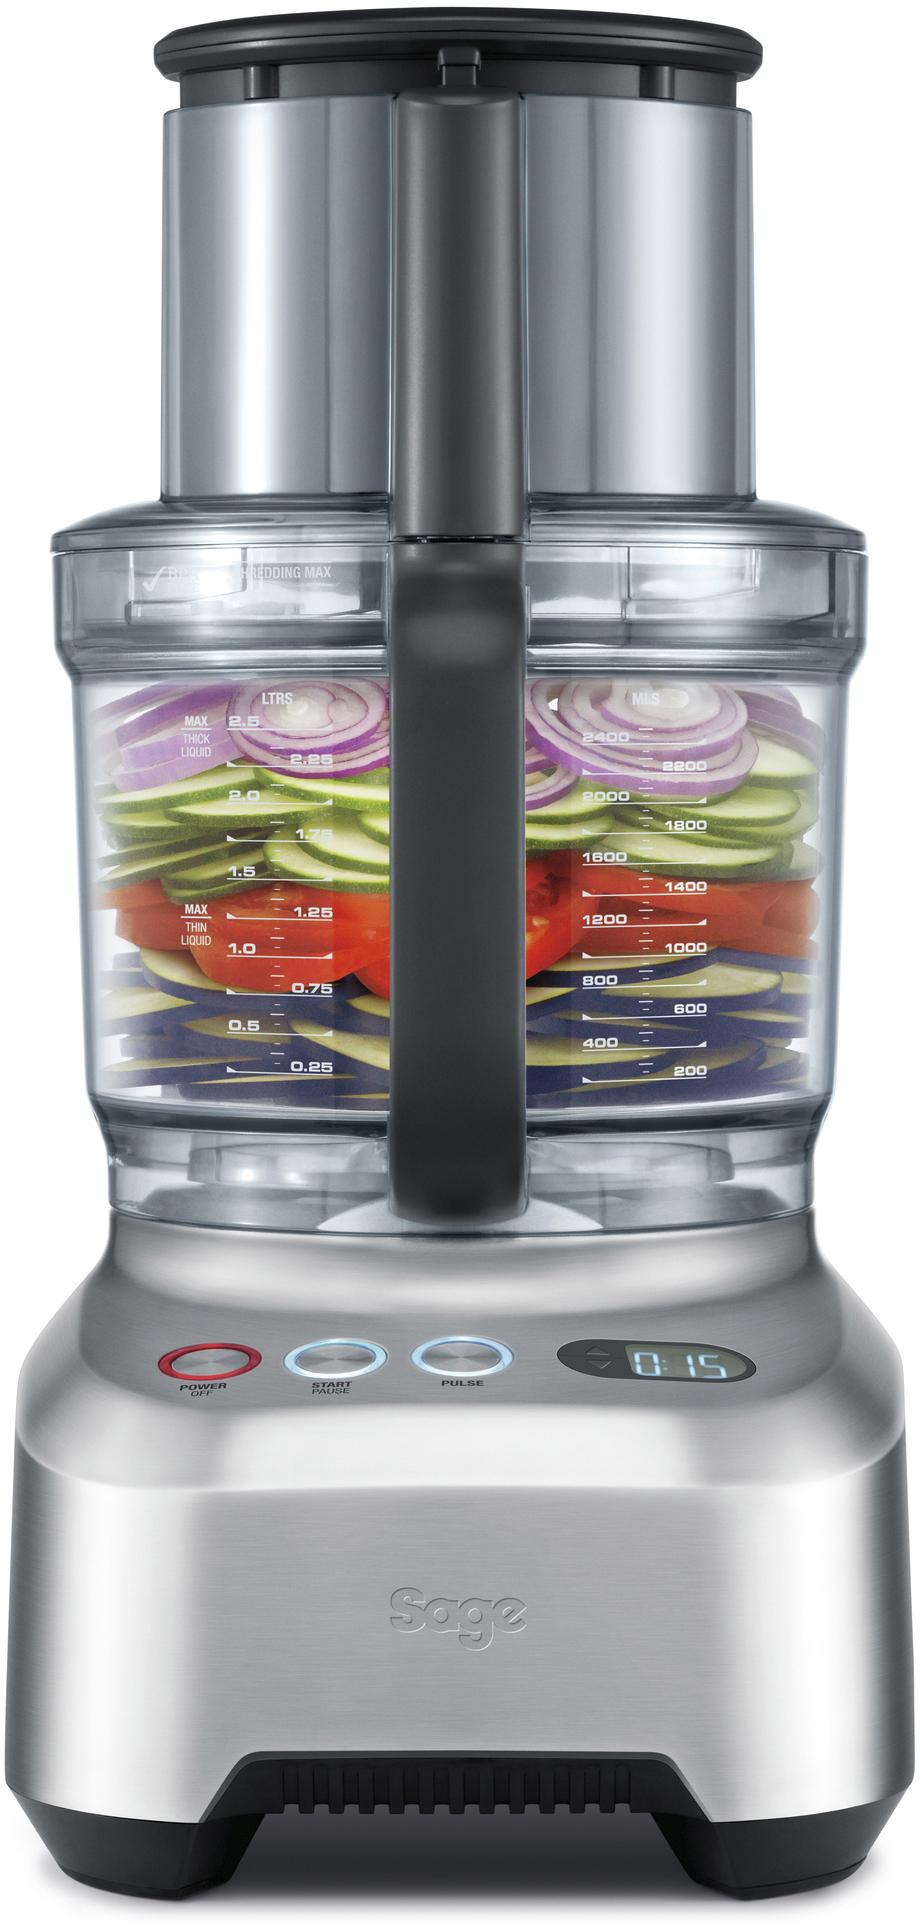 Sage The Kitchen Wizz 15 Pro foodprocessor, børstet stål